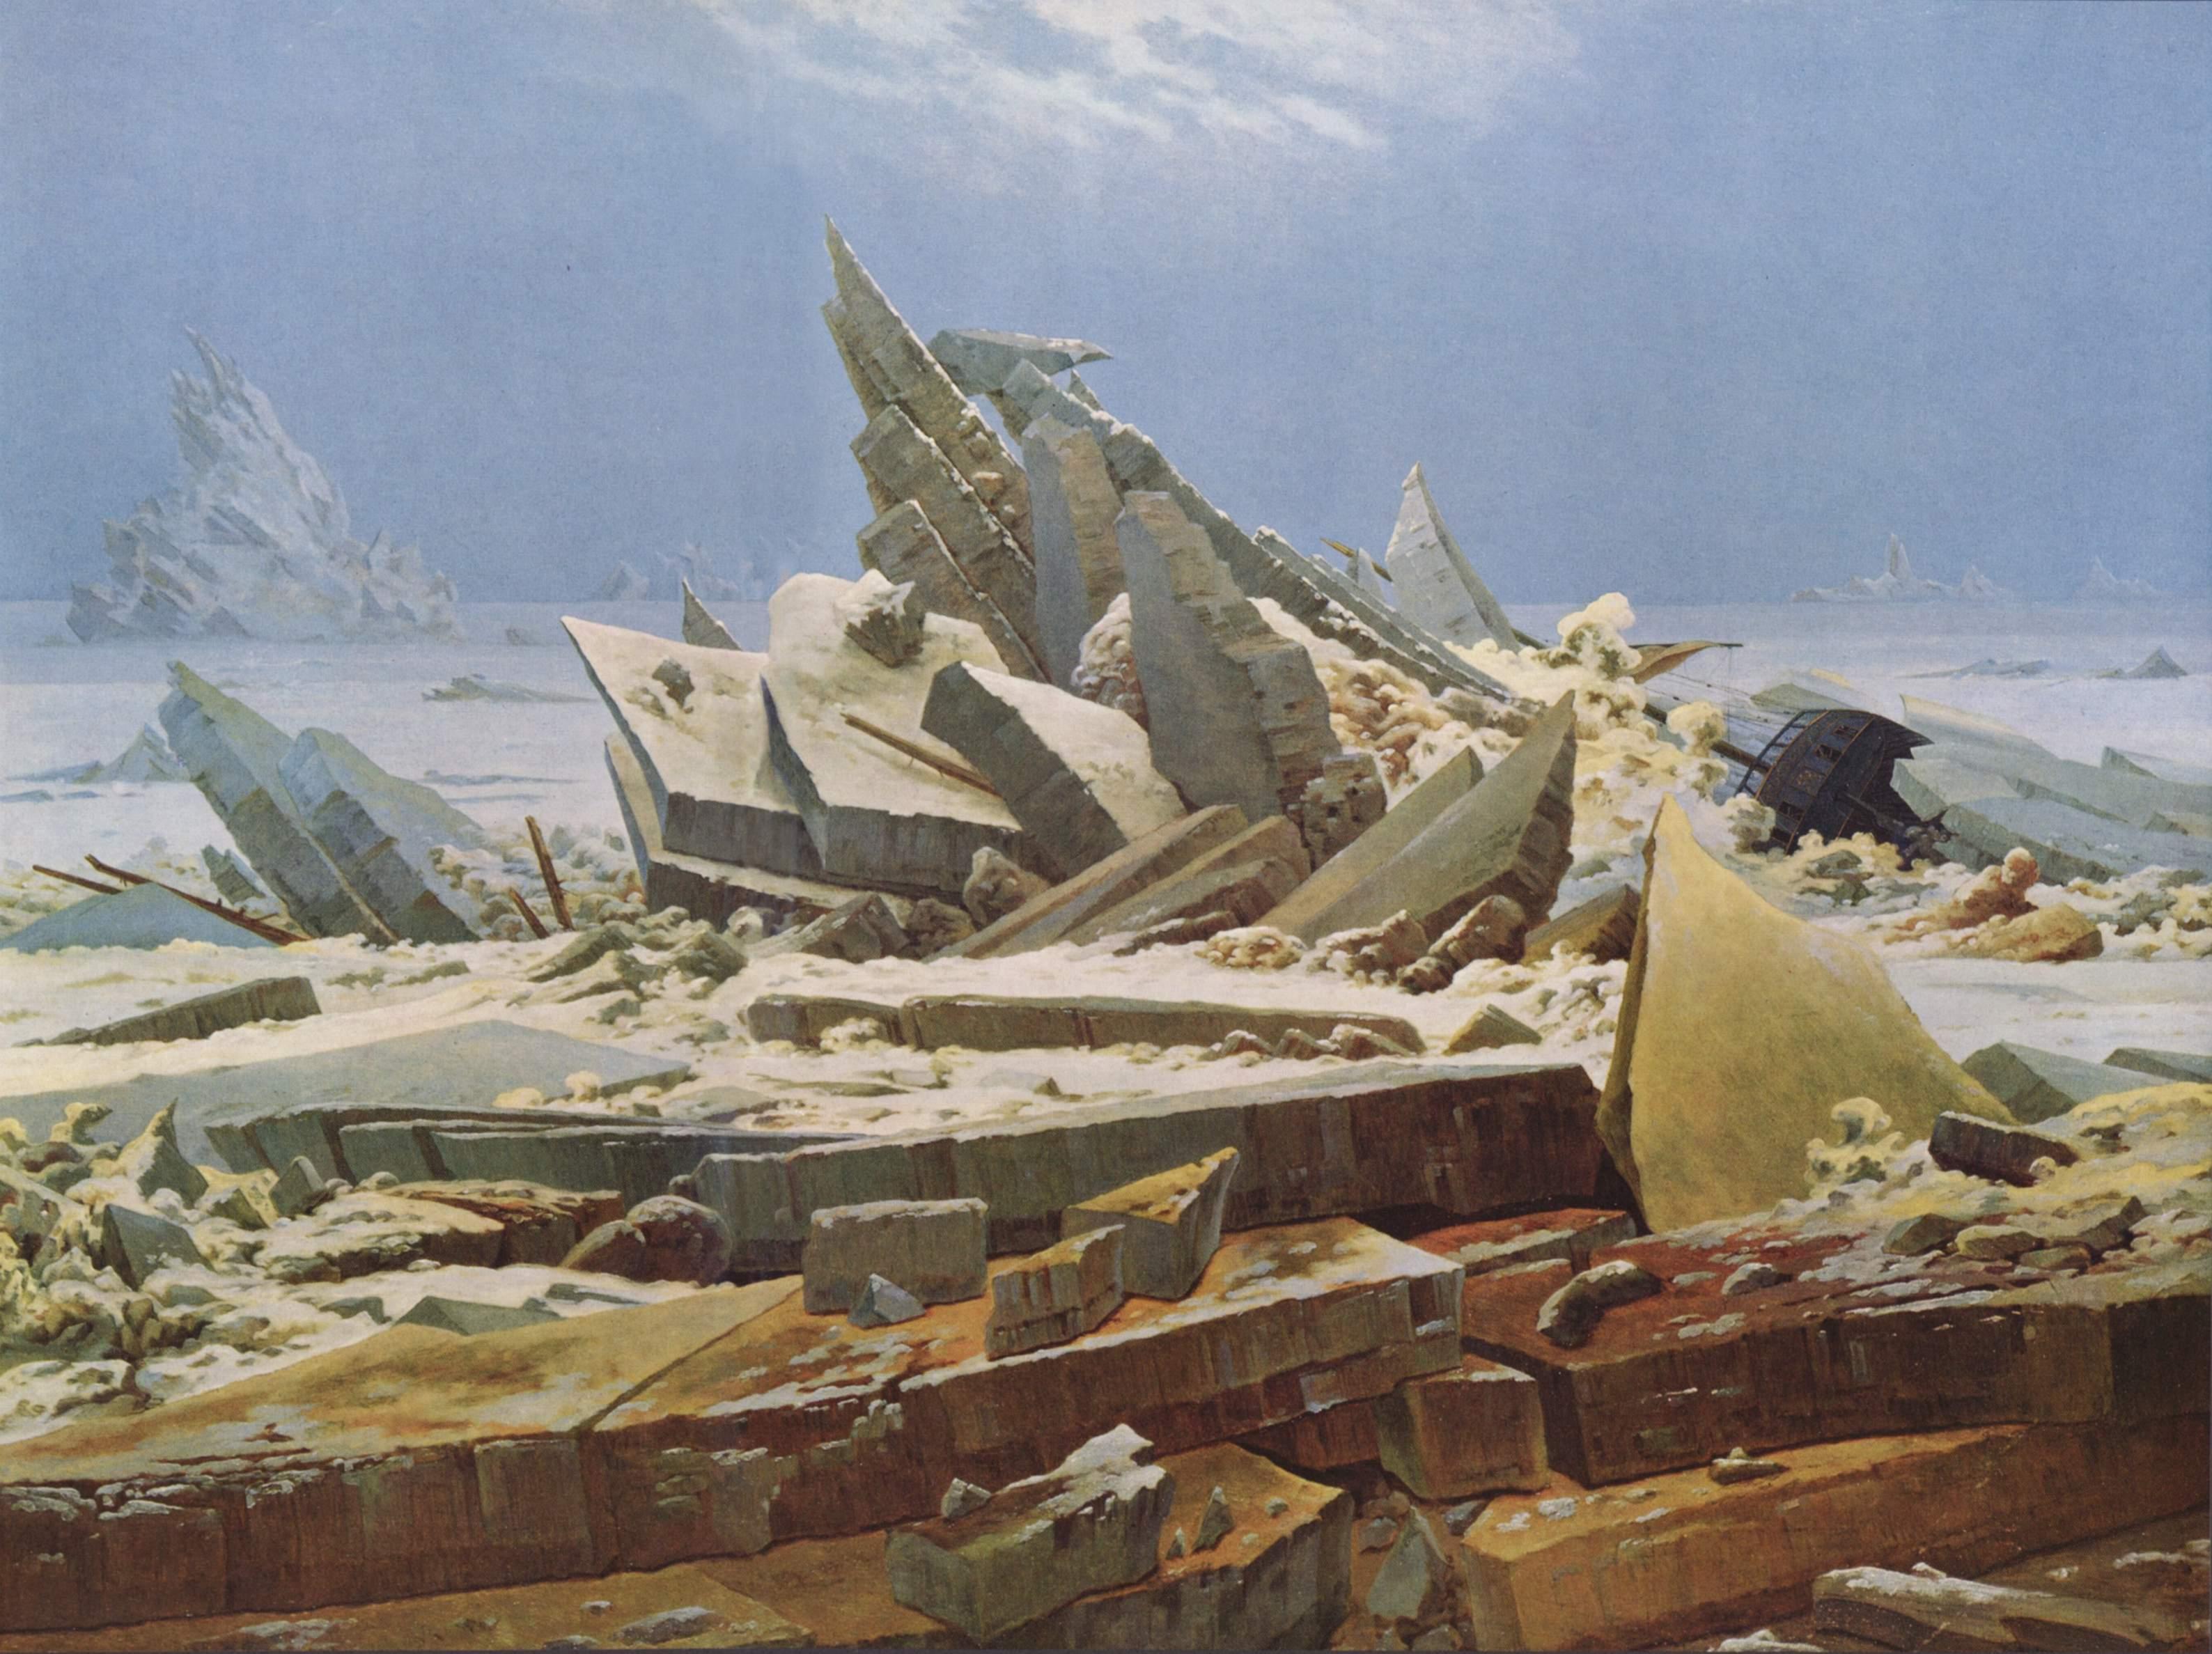 Das_Eismeer_%2F_Die_verungluckte_Nordpolexpedition,_Die_verungluckte_Hoffnung.jpg (3176×2375)